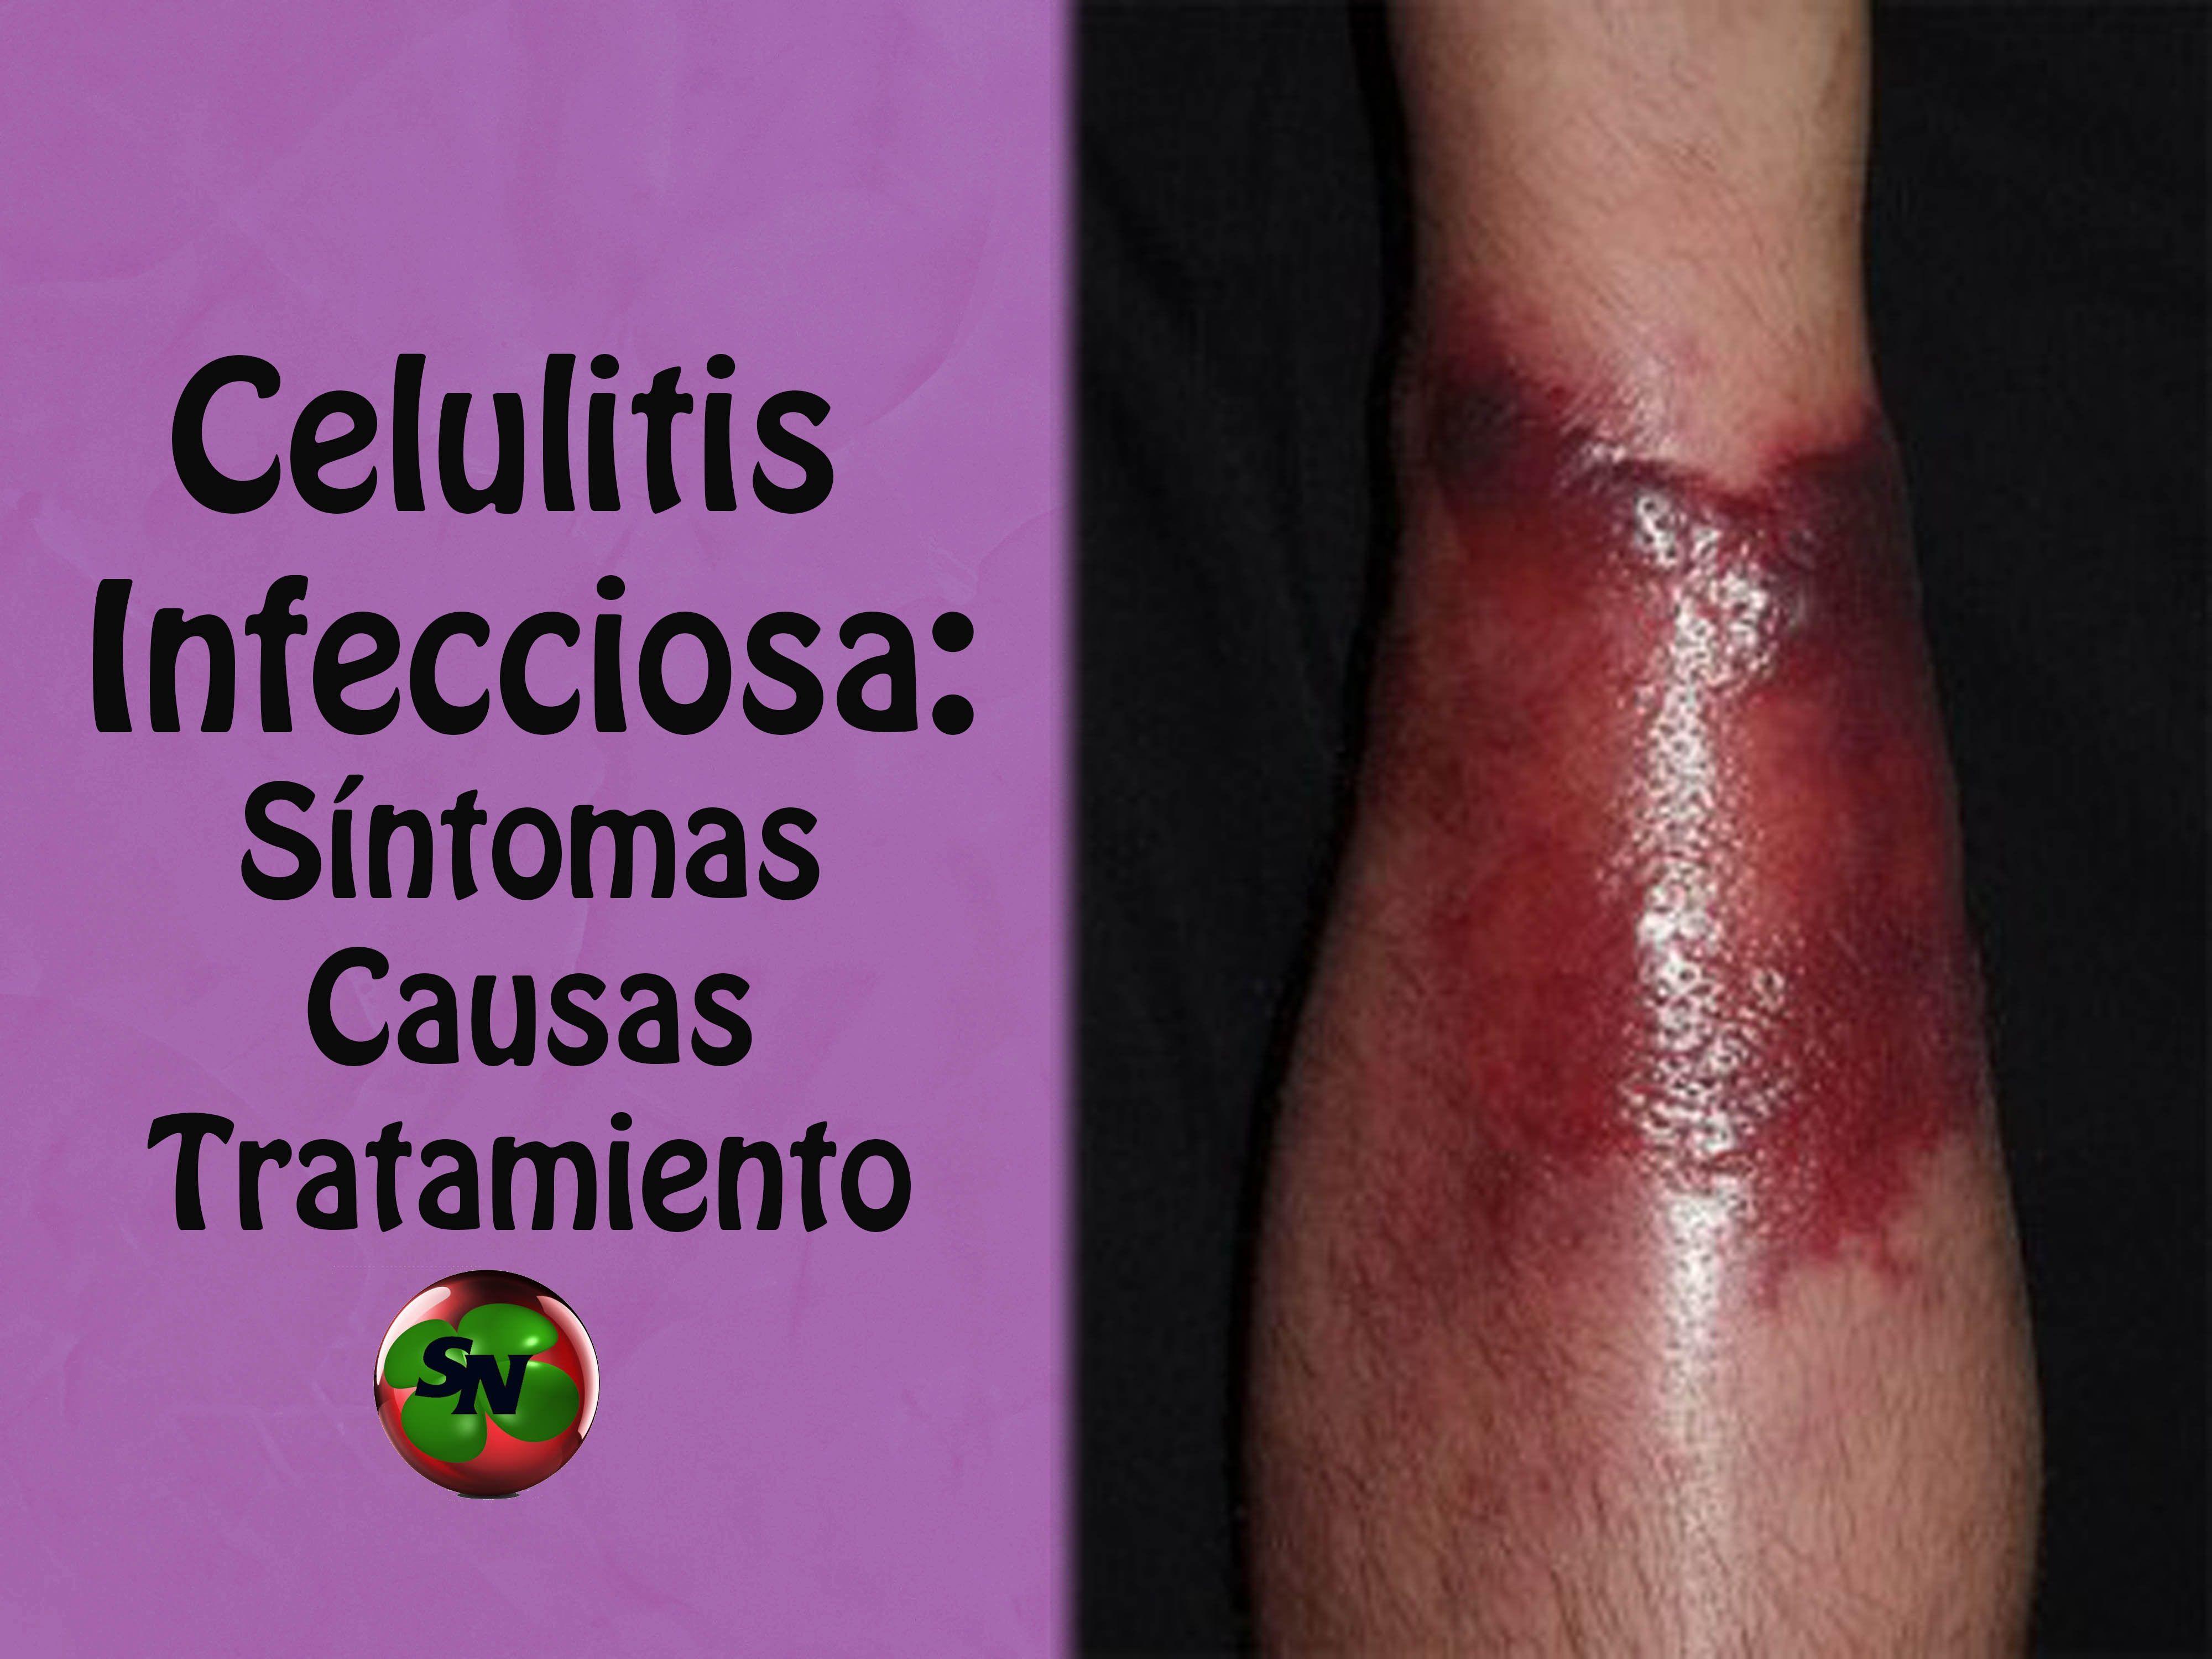 infeccion celulitis en los pies